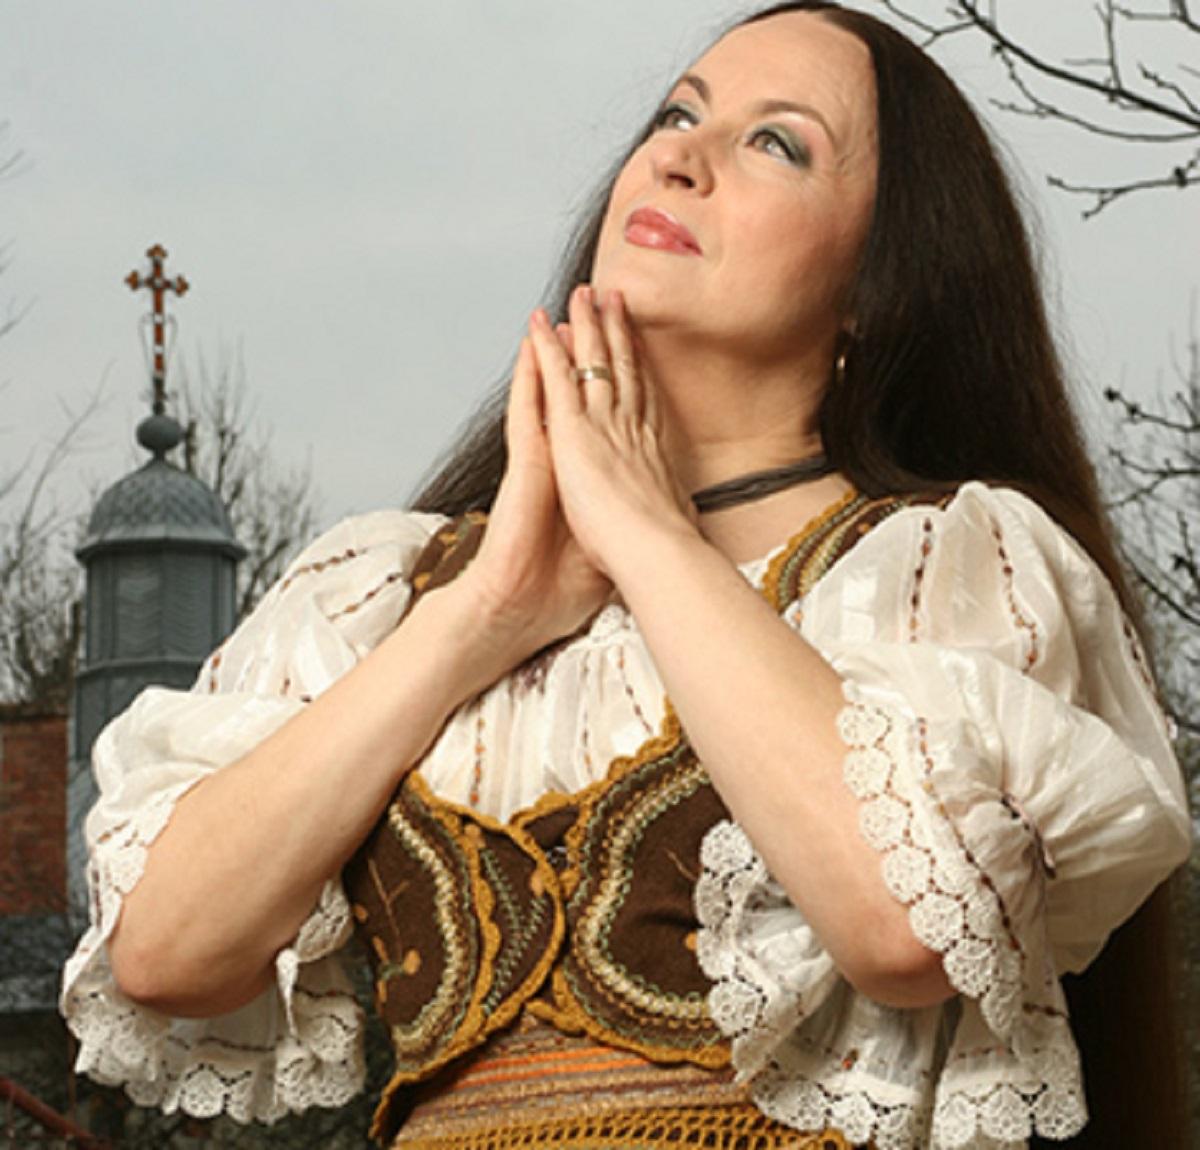 Maria Dragomiroiu, secretul părului și al tenului. Care sunt secretele succesului